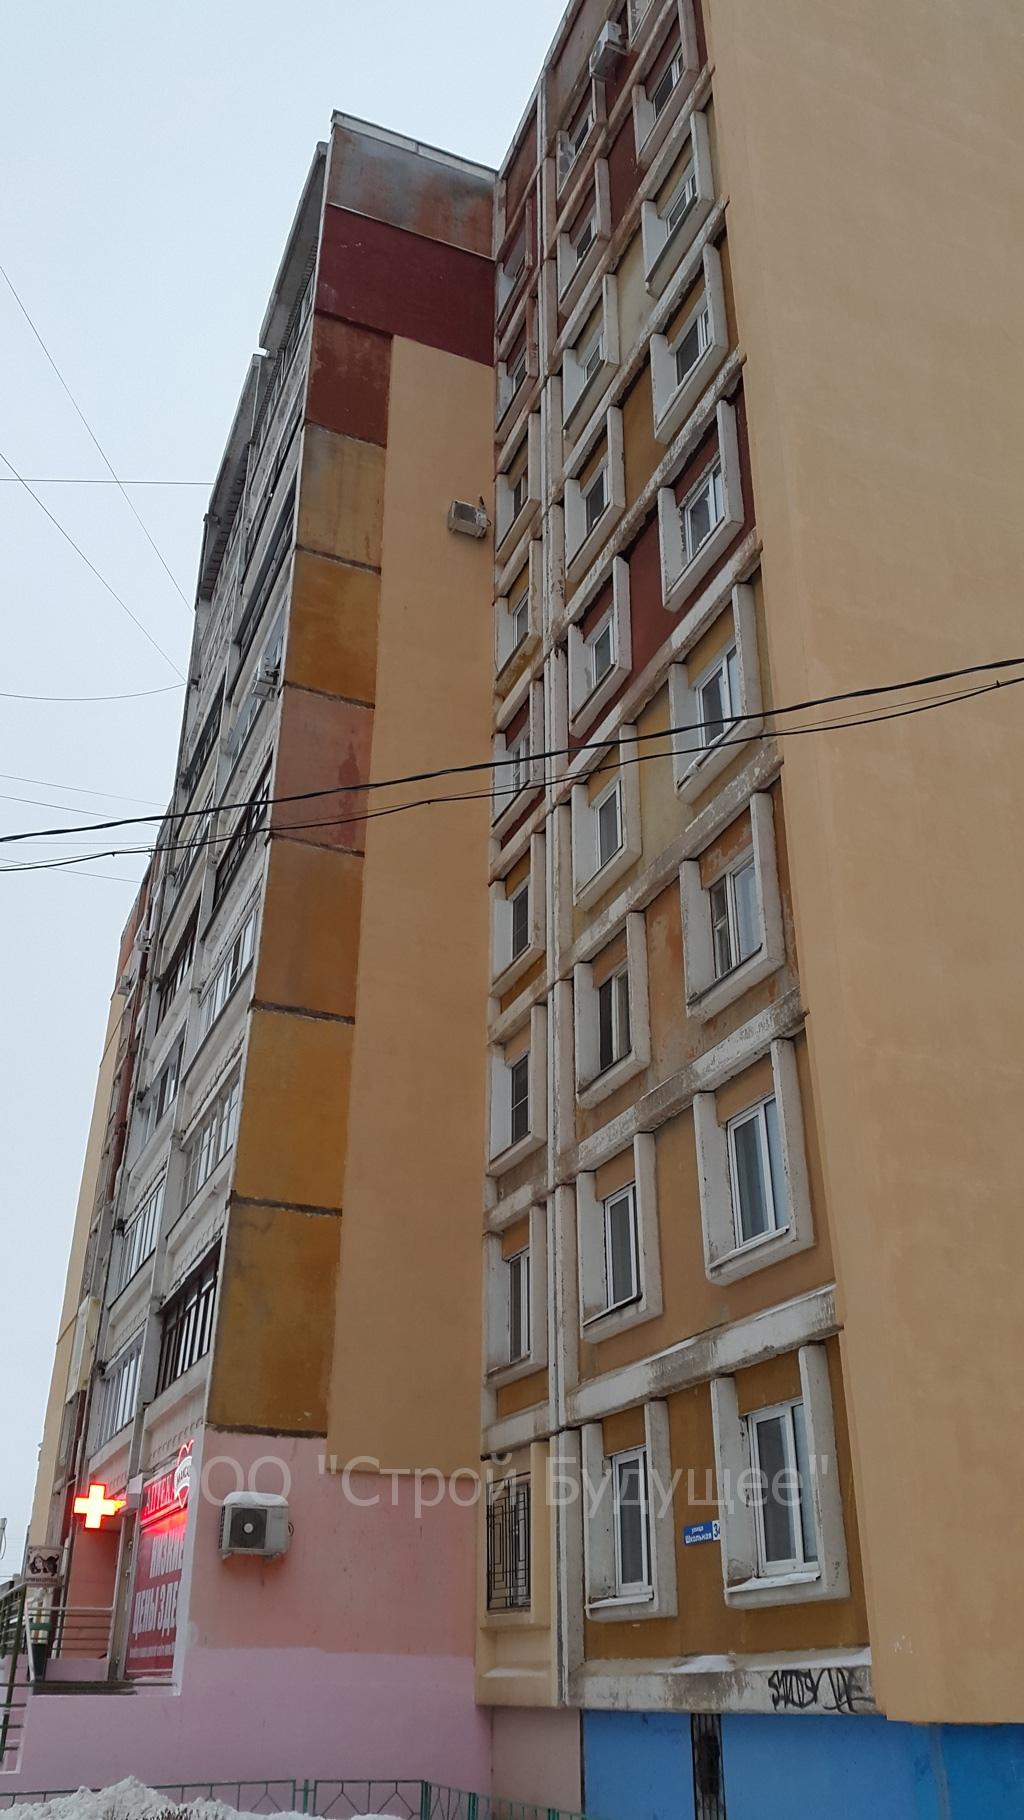 Технология устройства утепления мокрого фасада